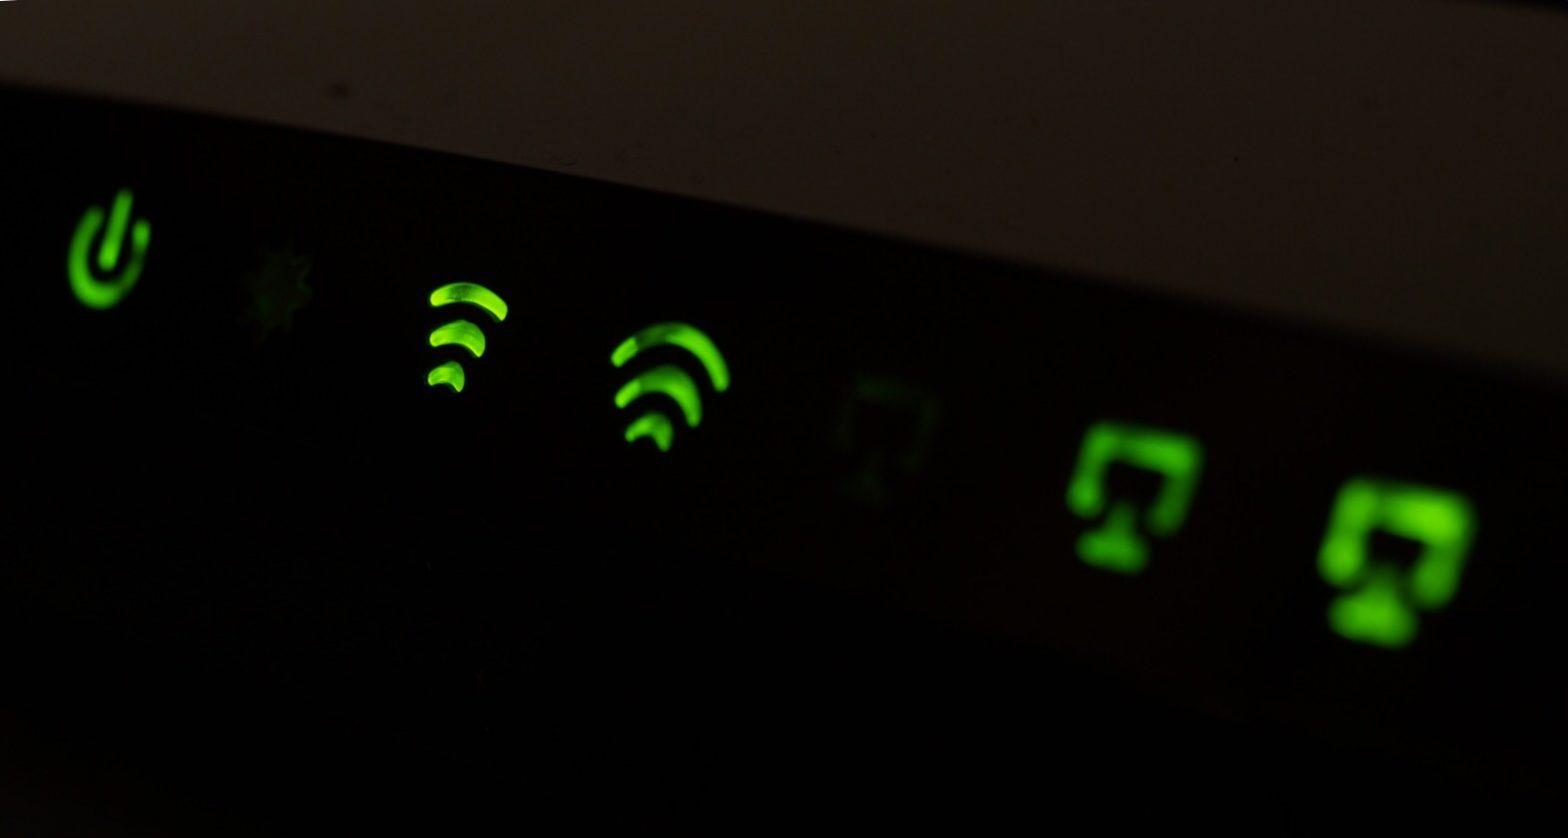 Mein alter WLAN Router war besser